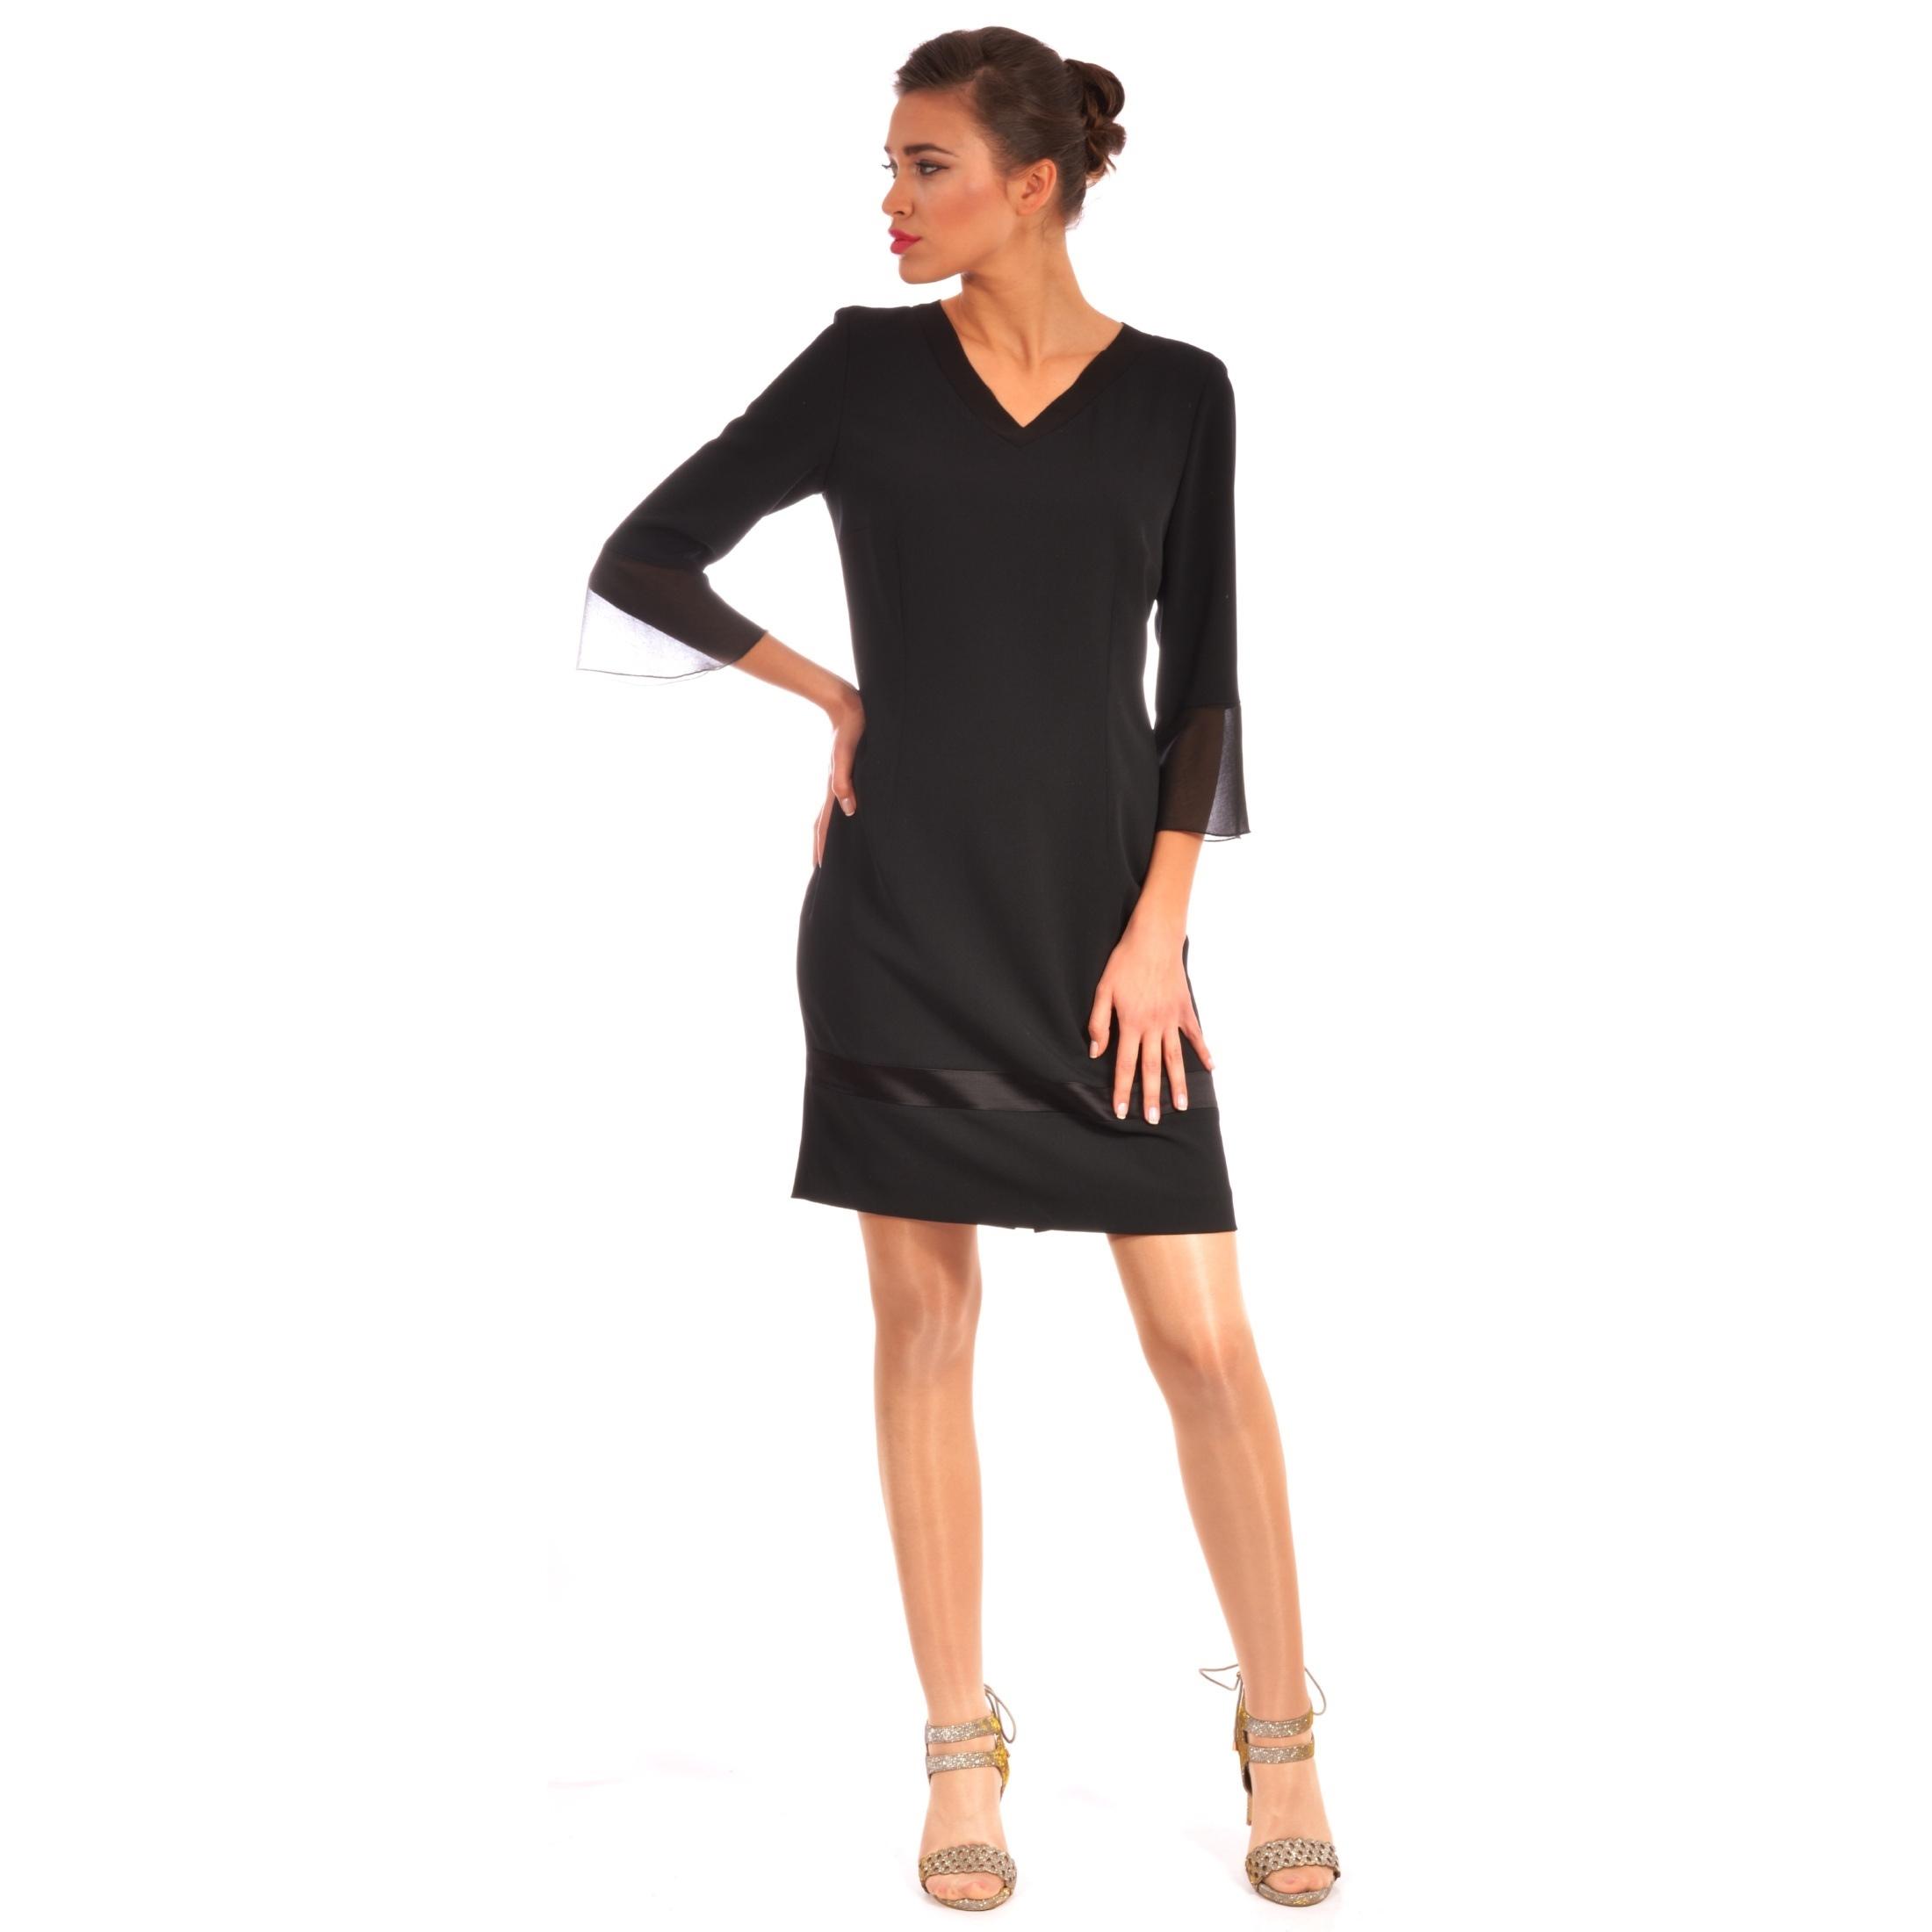 lady m black dress,crna haljina za žene